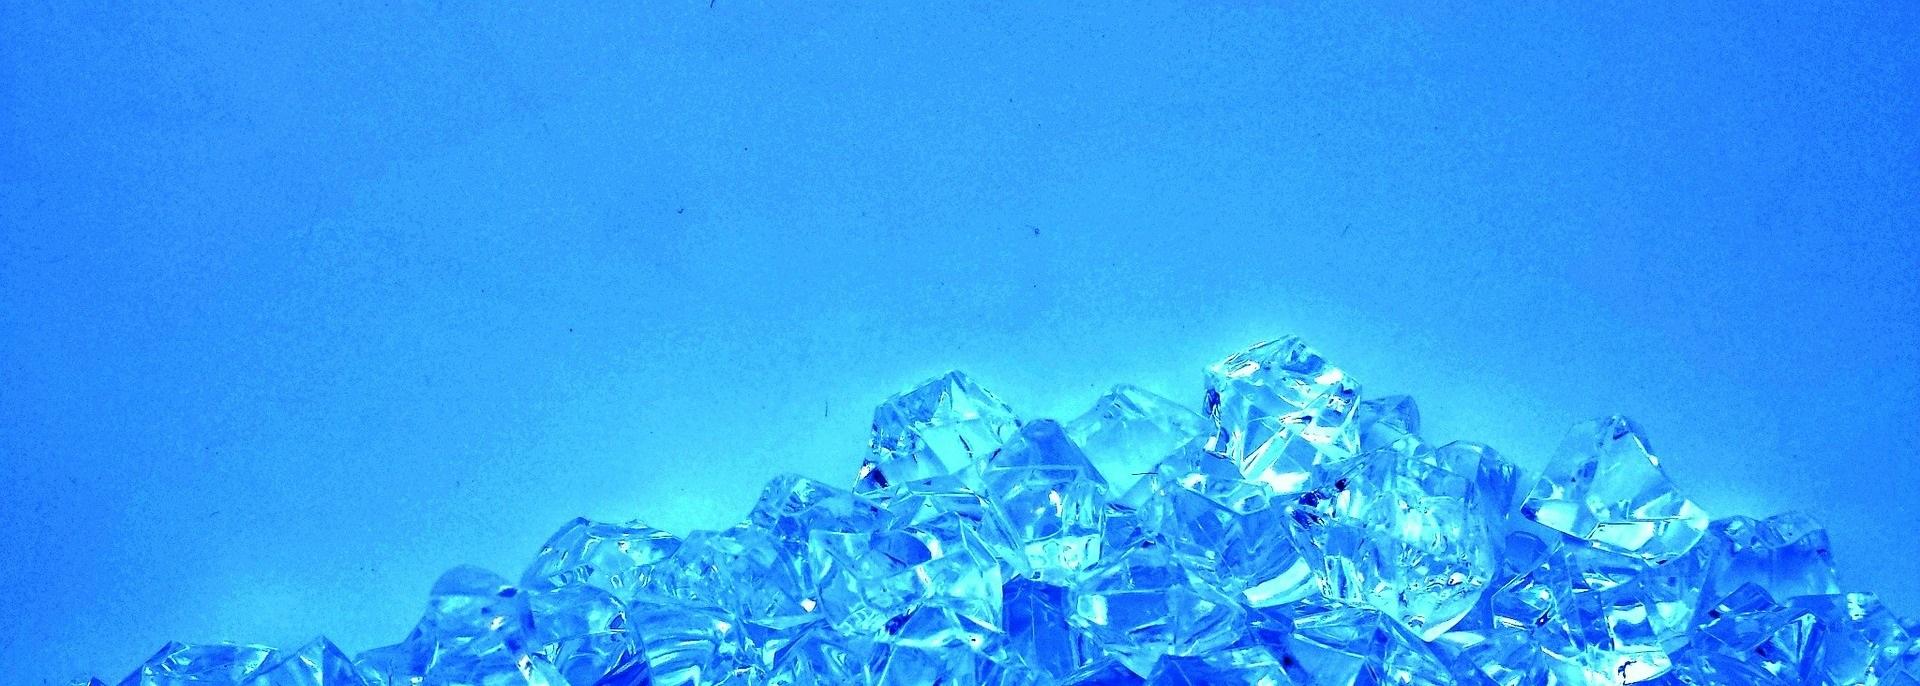 en hög av blåskimrande diamanter mot blå bakgrund.